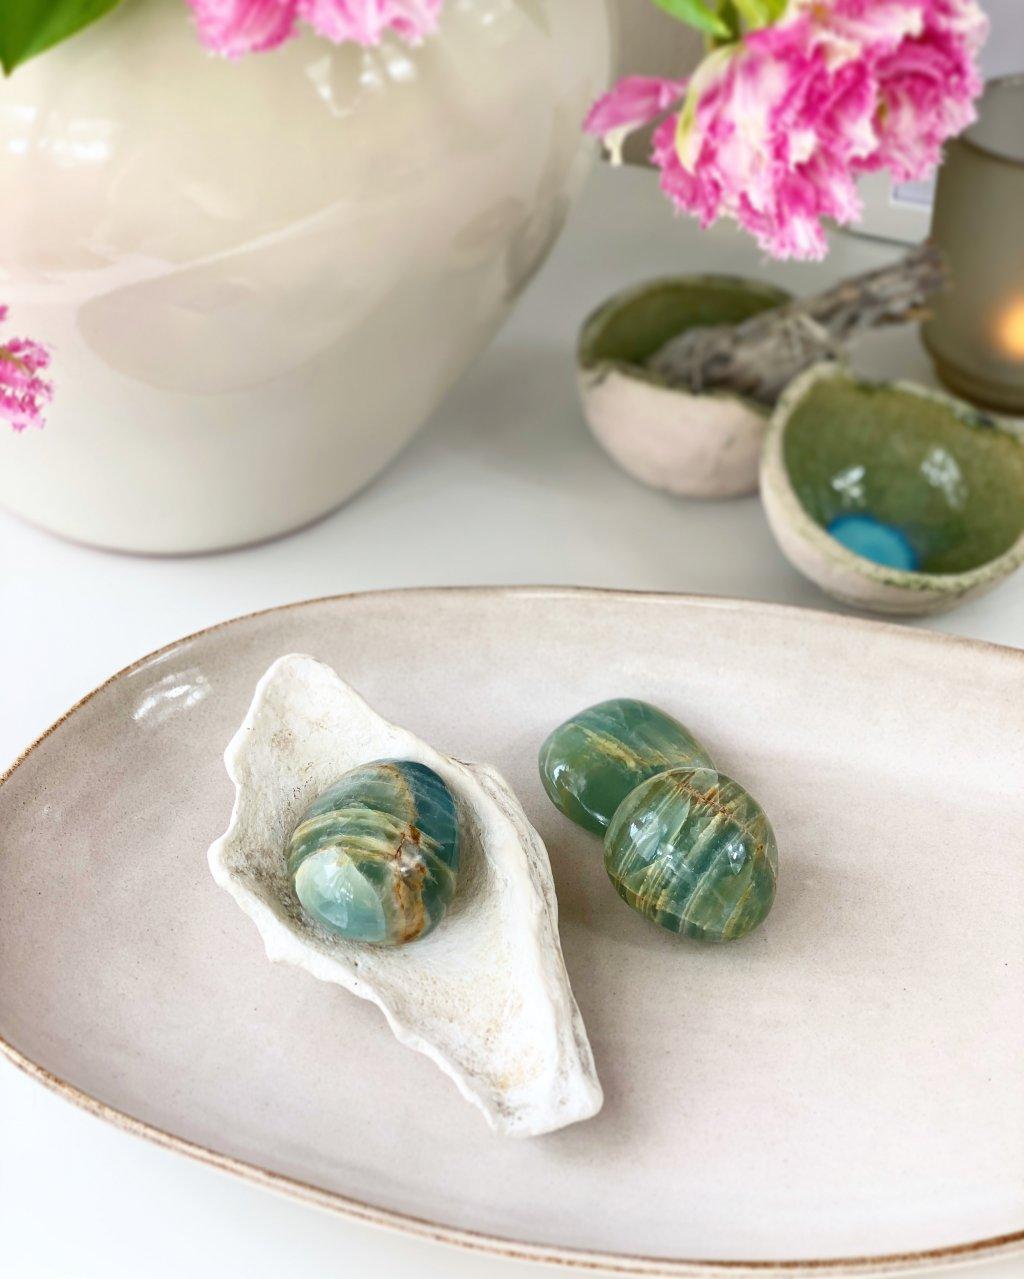 Modrý kalcit dekorační kamenná koule